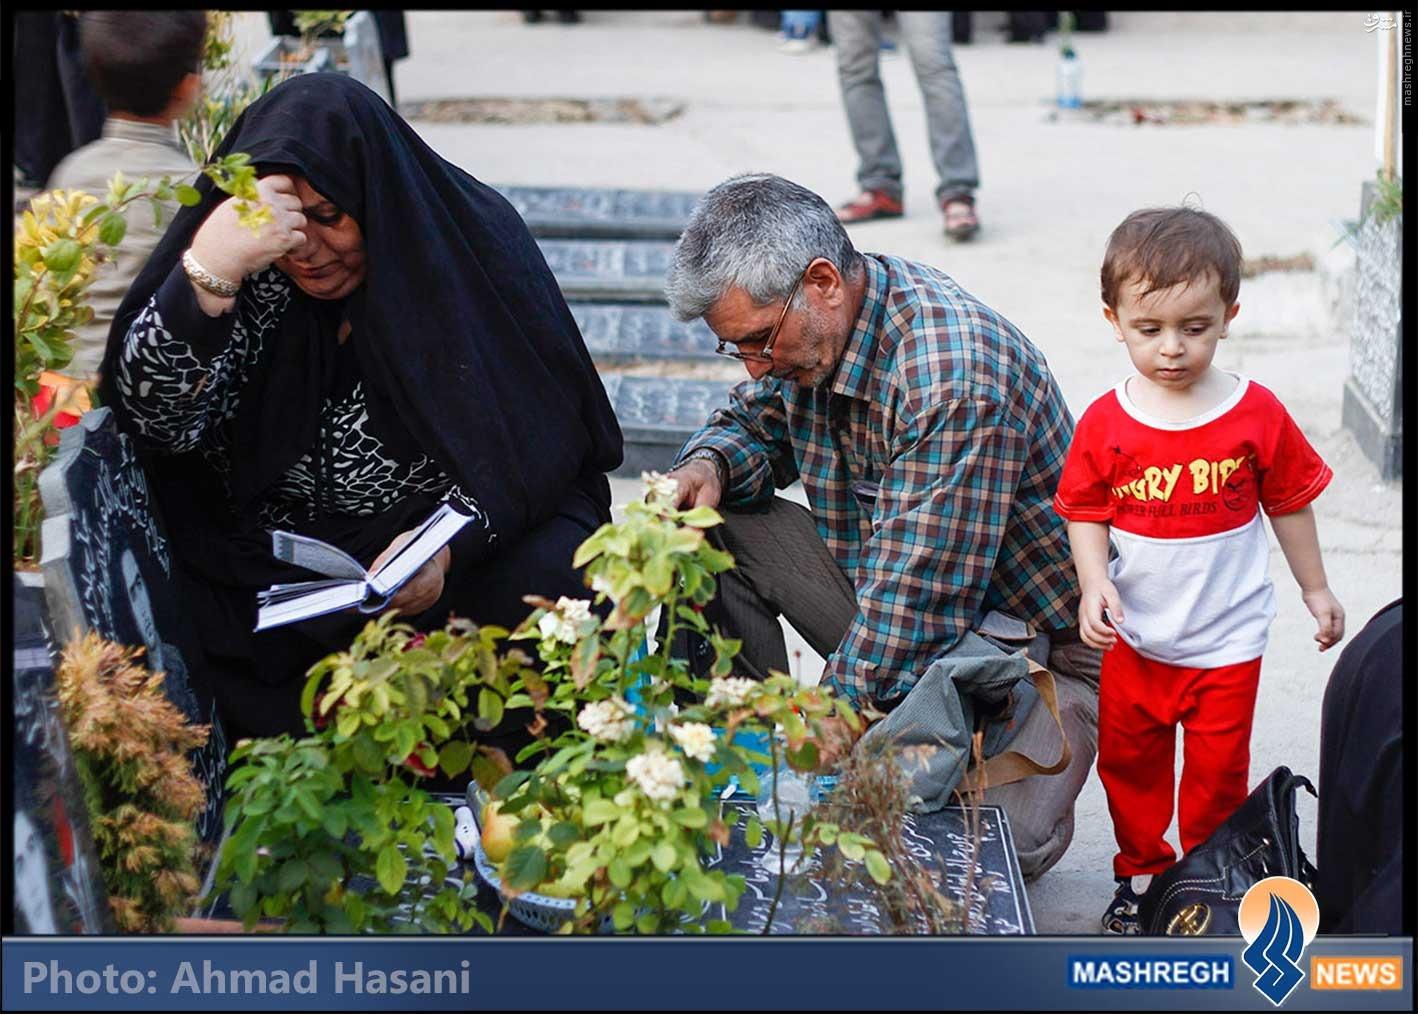 تصاویر/ شب جمعه در بهشت رضا